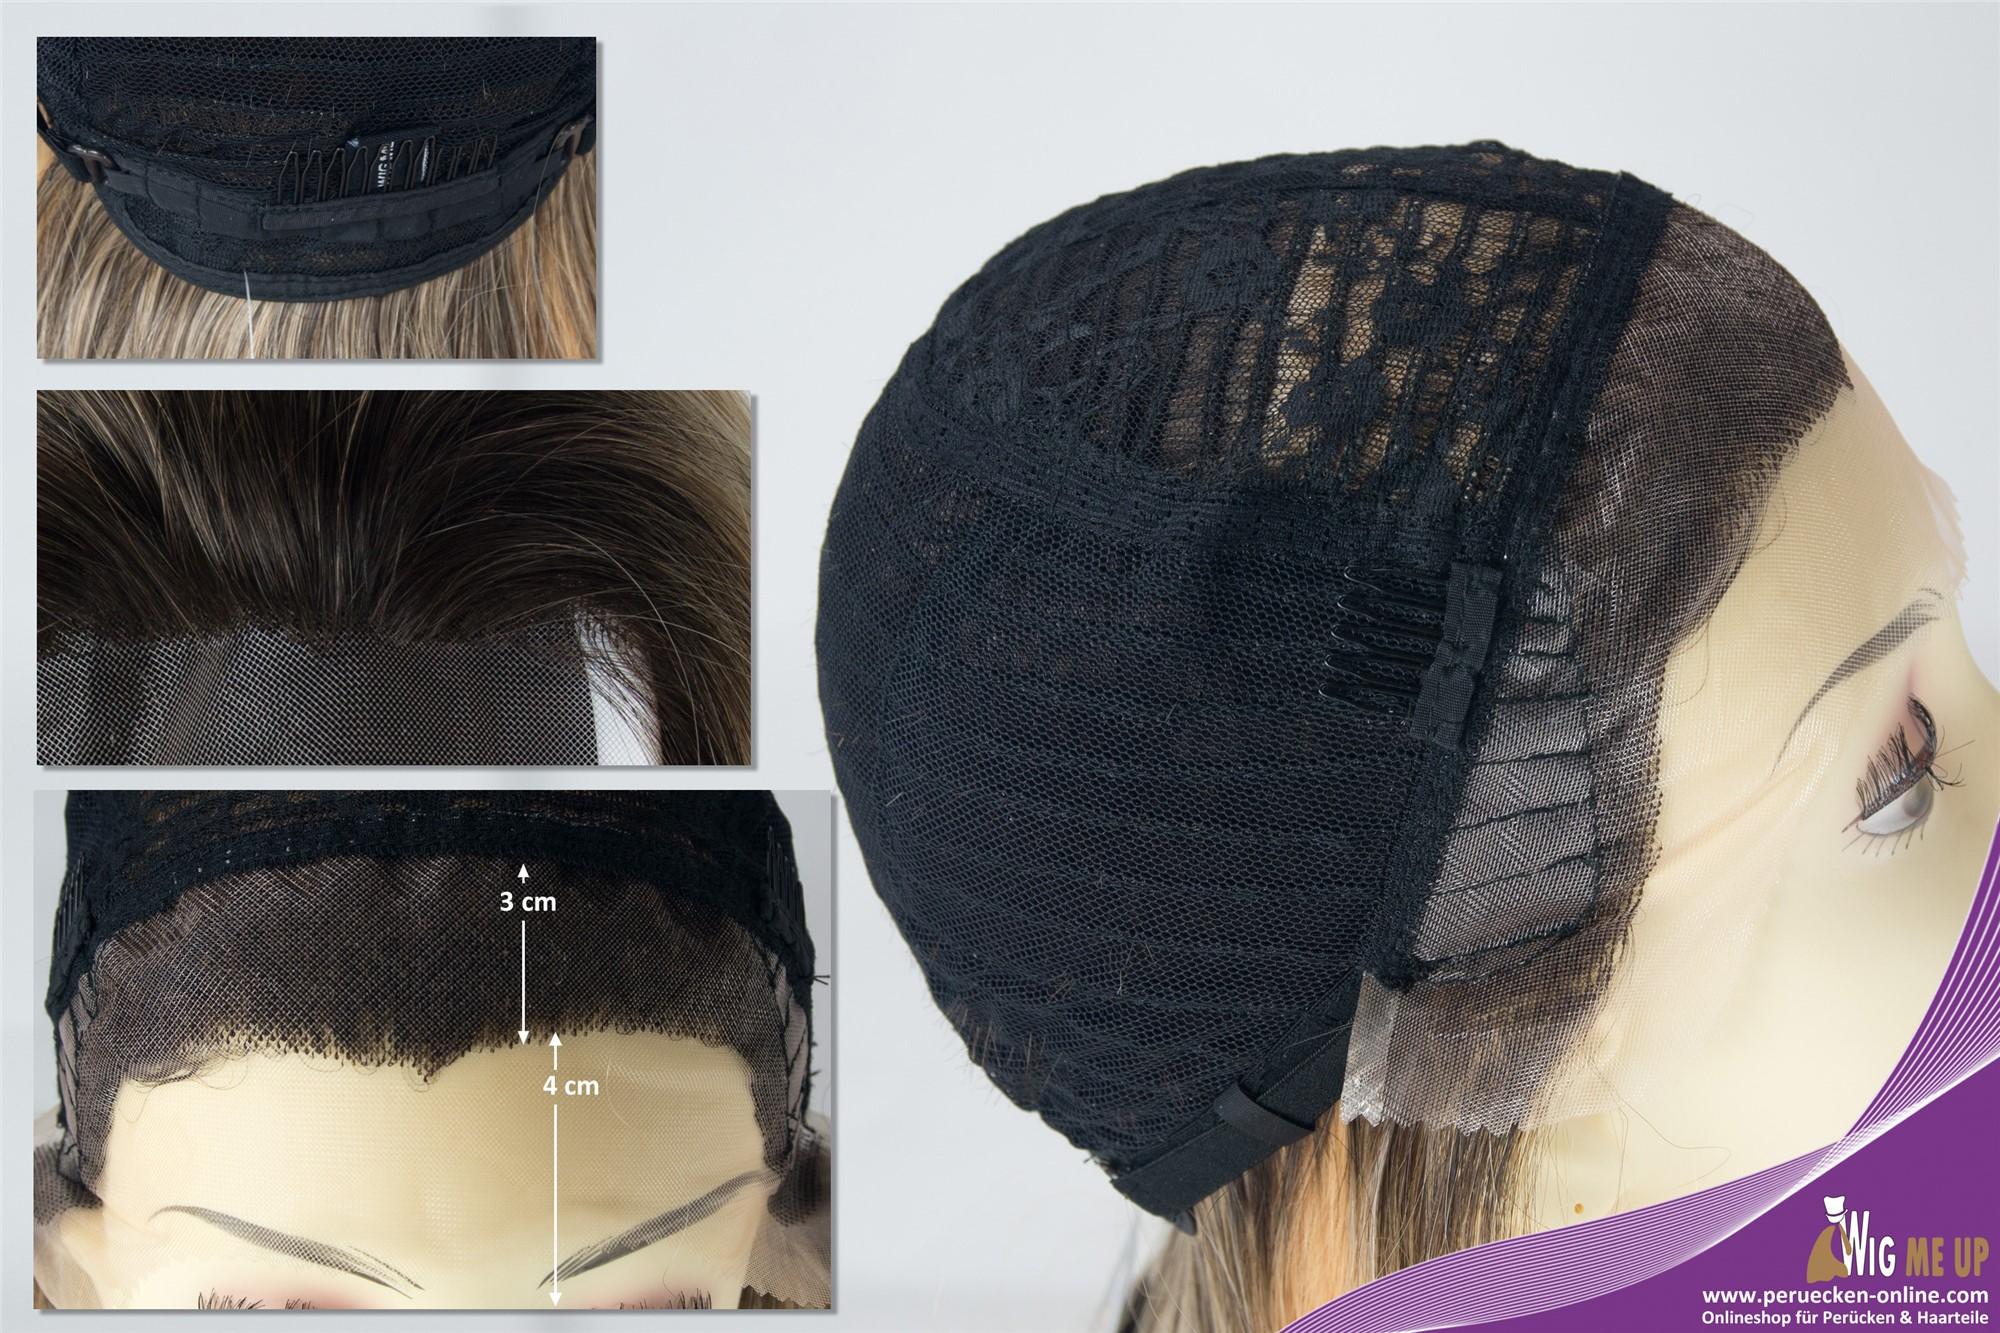 Perücke Lang Glatt Lace Front Ombre Braun Blond Modell